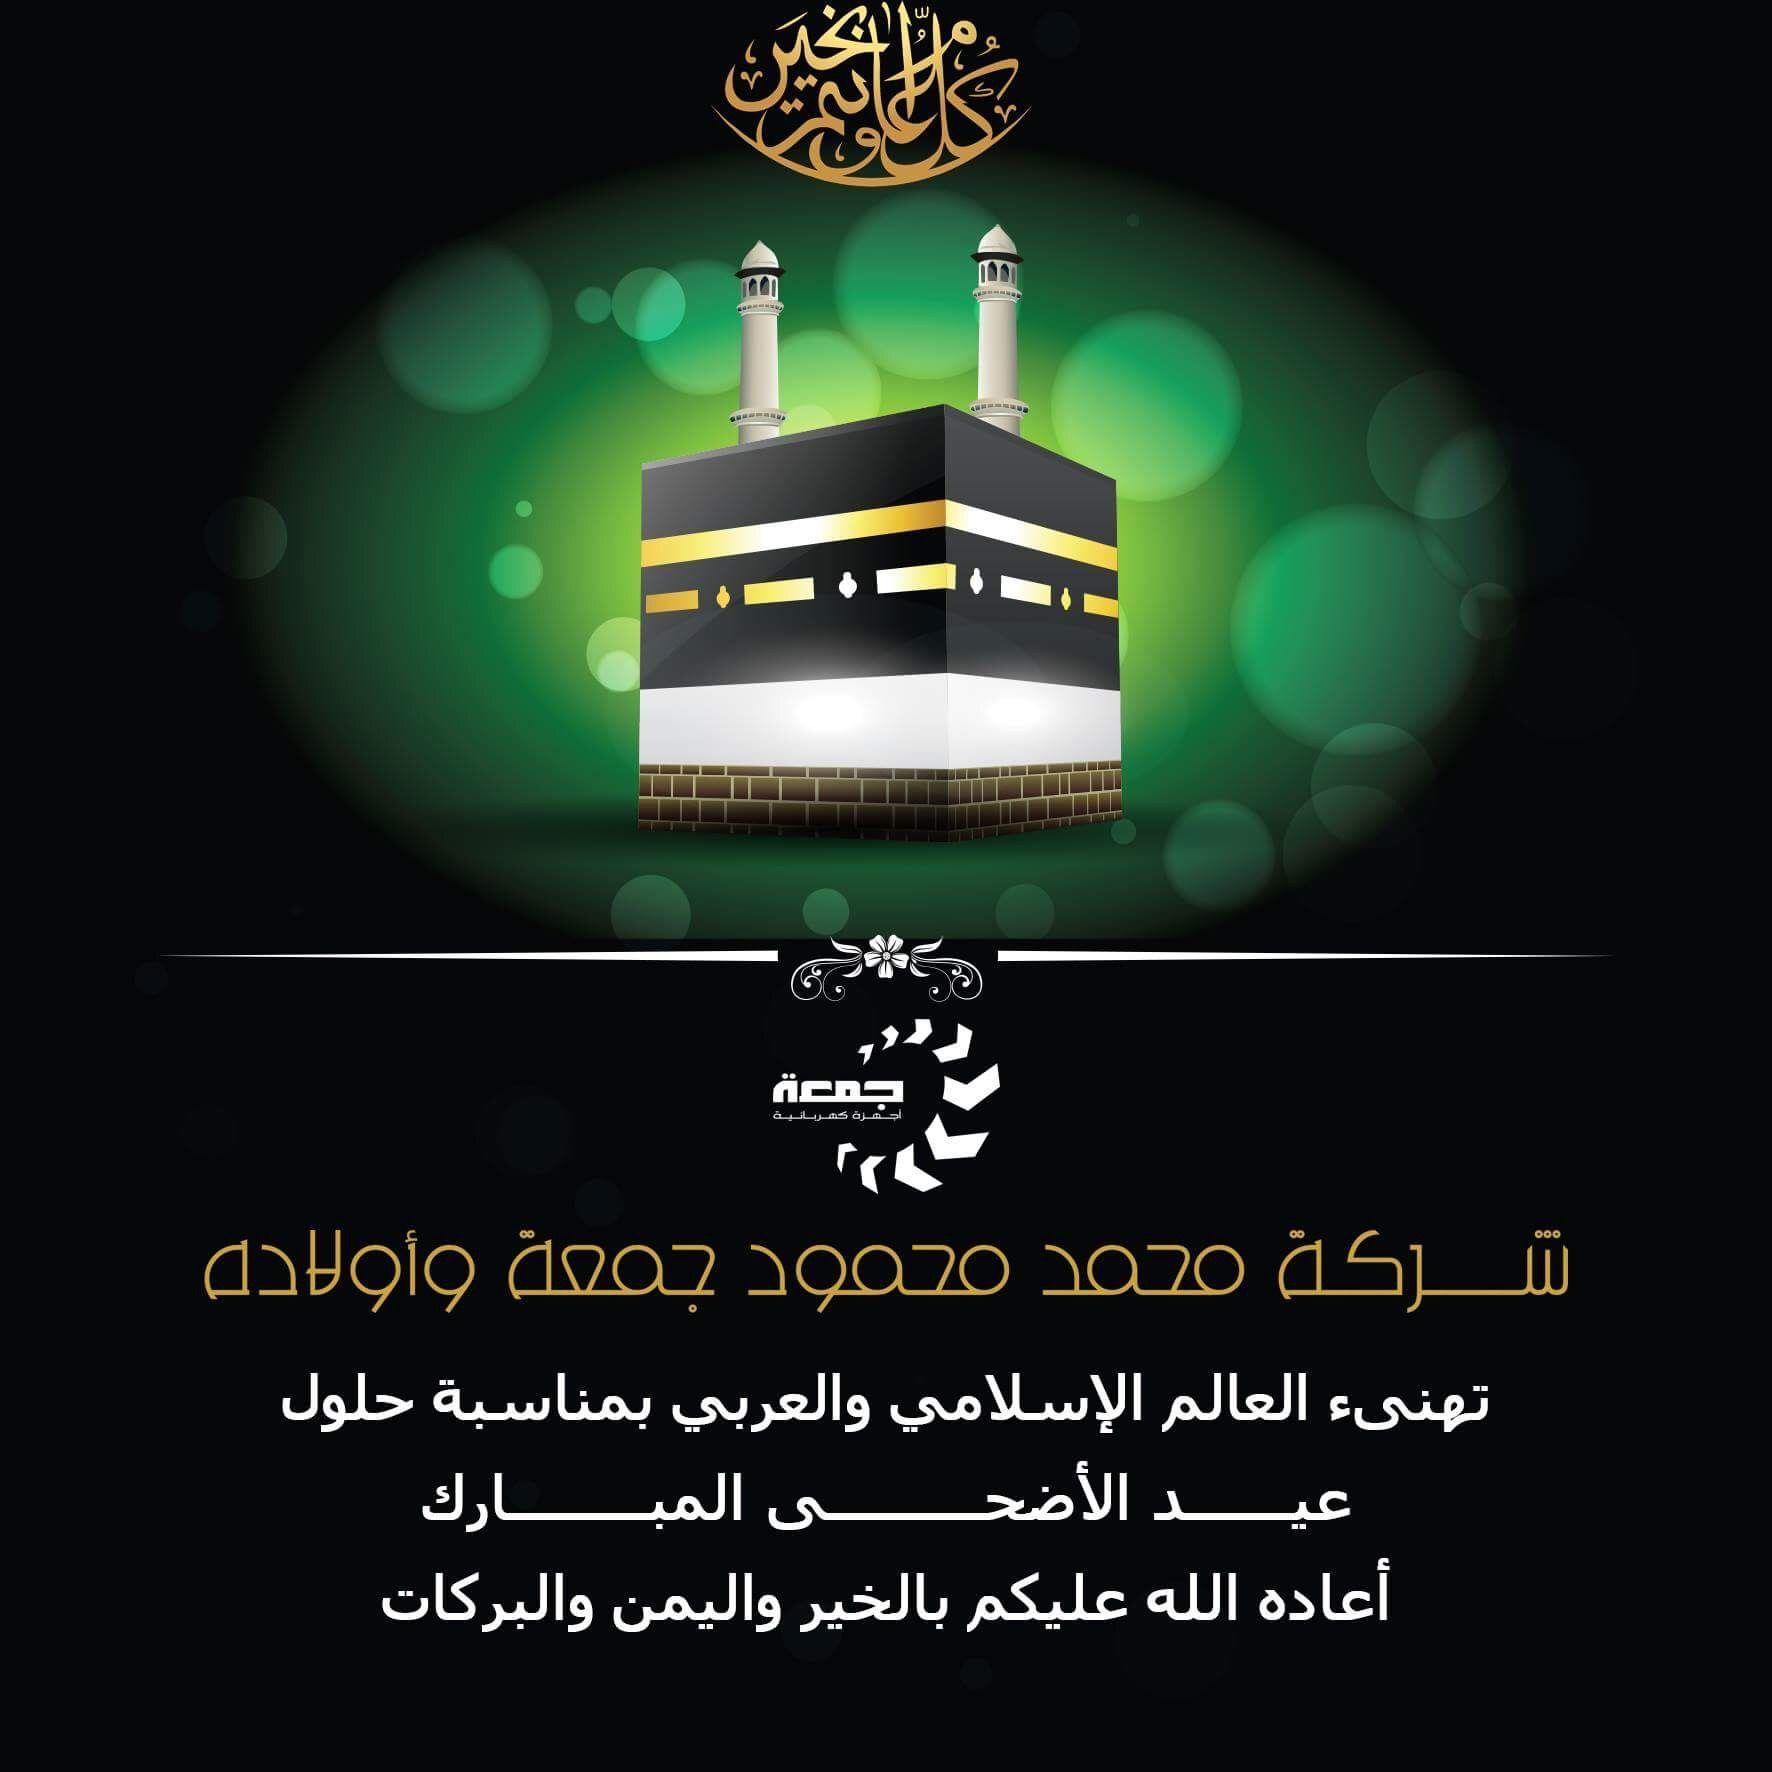 تتقدم شركة محمد محمود جمعة وأولاده بأسمى آيات التهنئة والتبريك من العالم الاسلامي والعربي والشعب الأردني بمناسبة حلول عيد الأضحى المبارك Movie Posters Movies